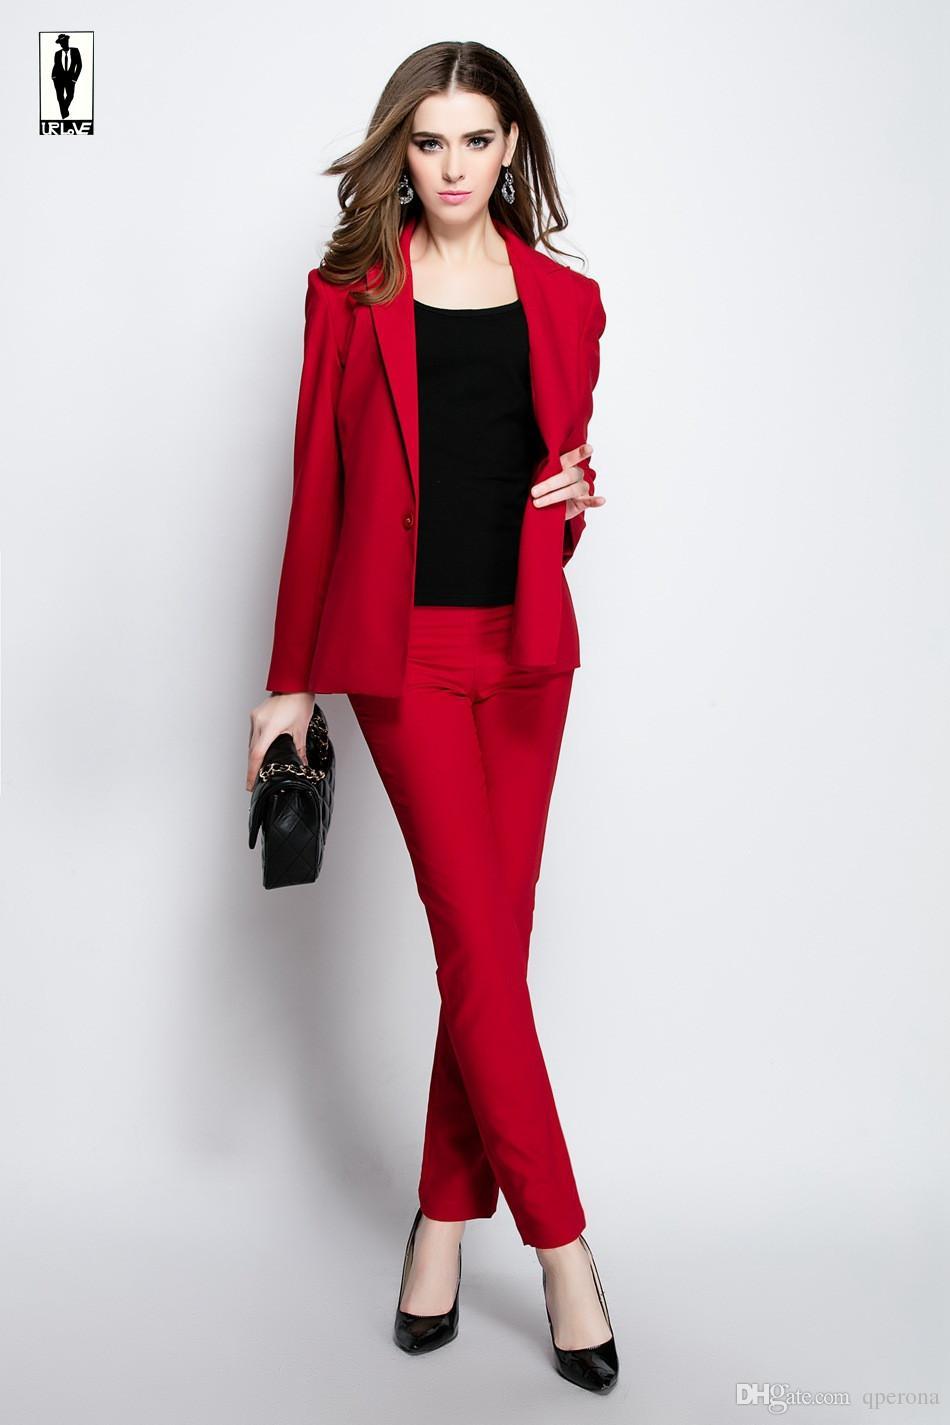 business casual attire women photo - 1